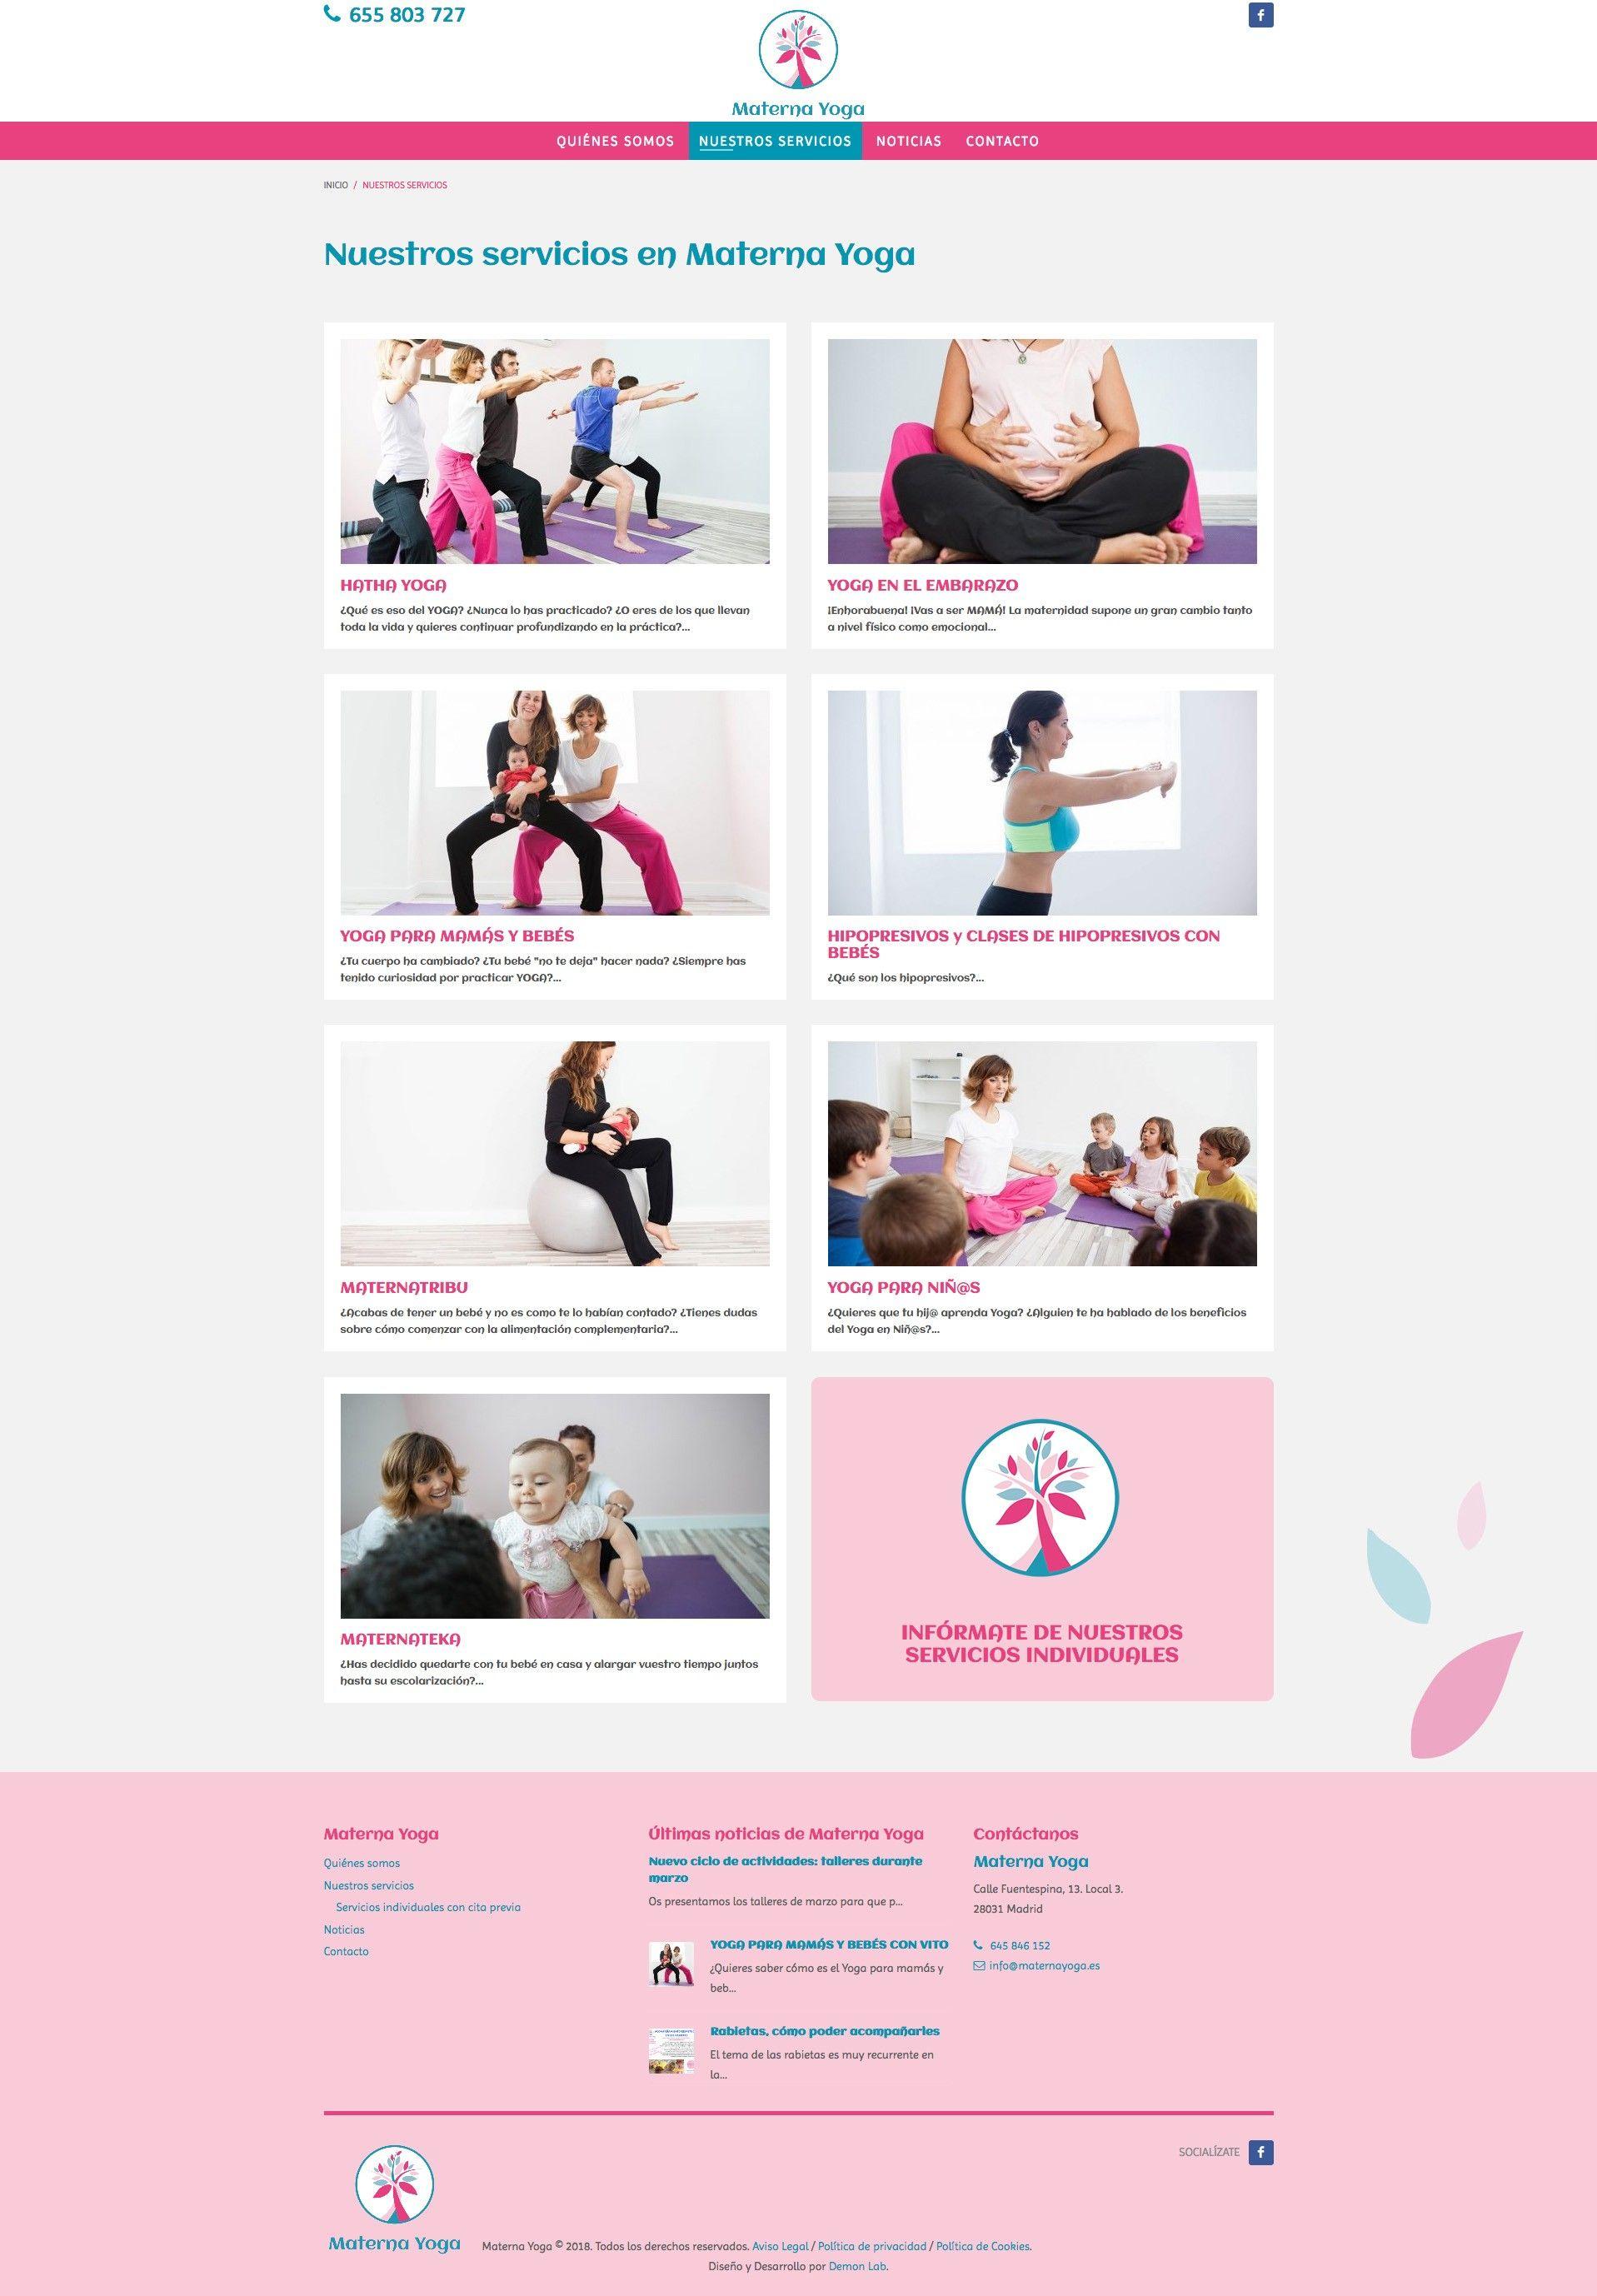 Nuestros servicios Materna Yoga copia